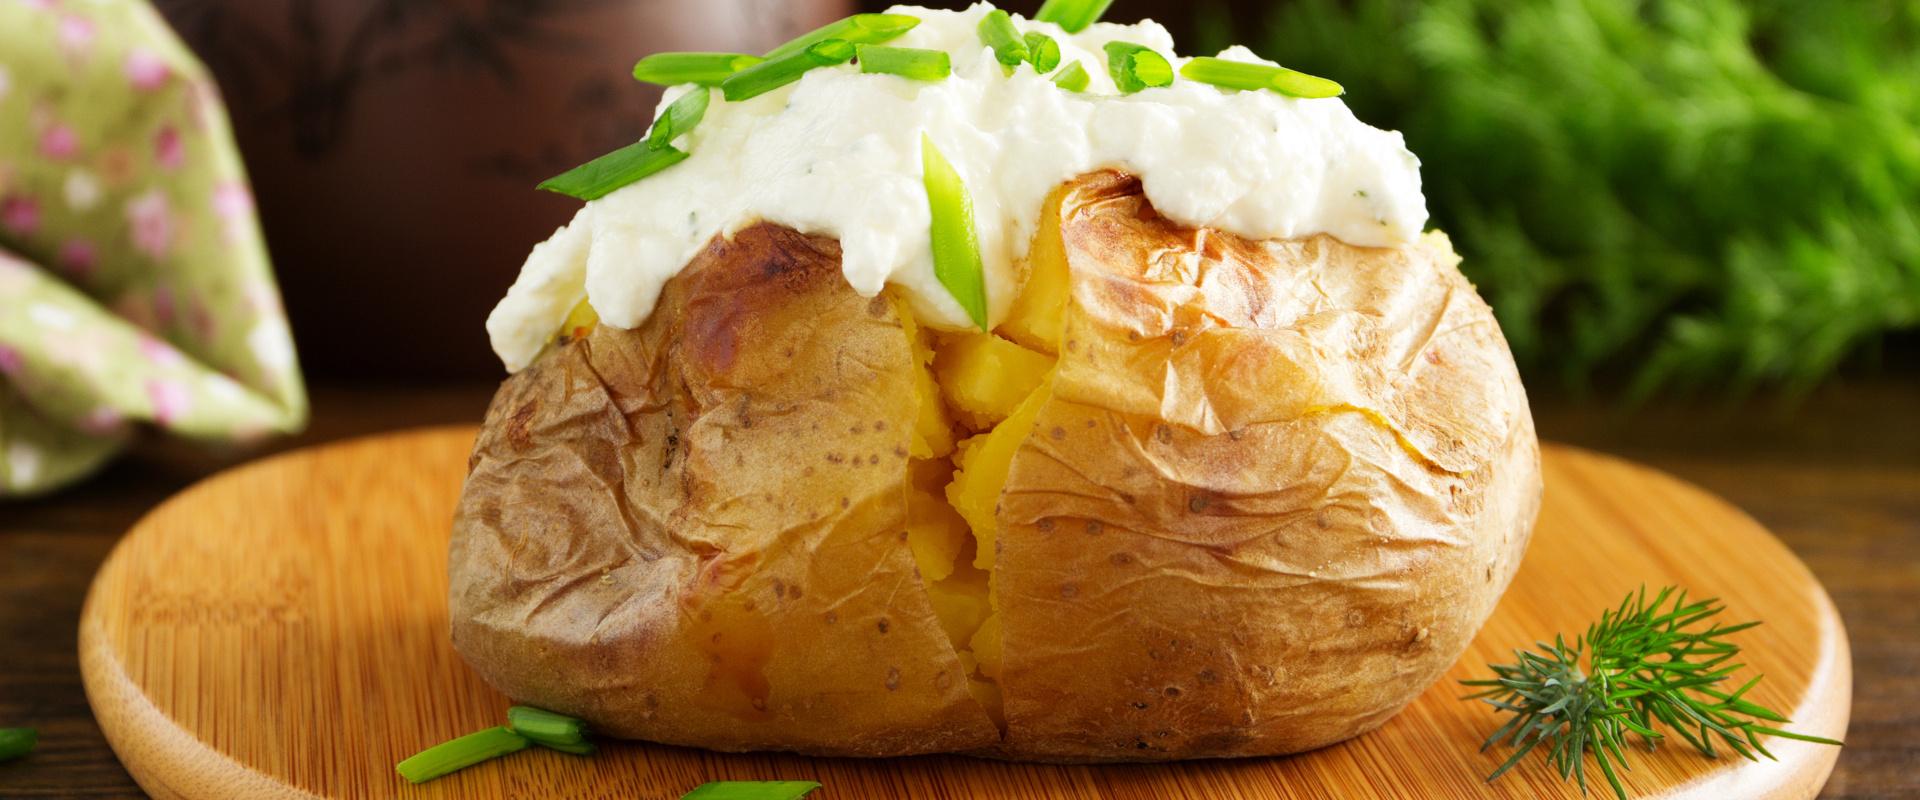 sütőben sült krumpli tejföllel cover